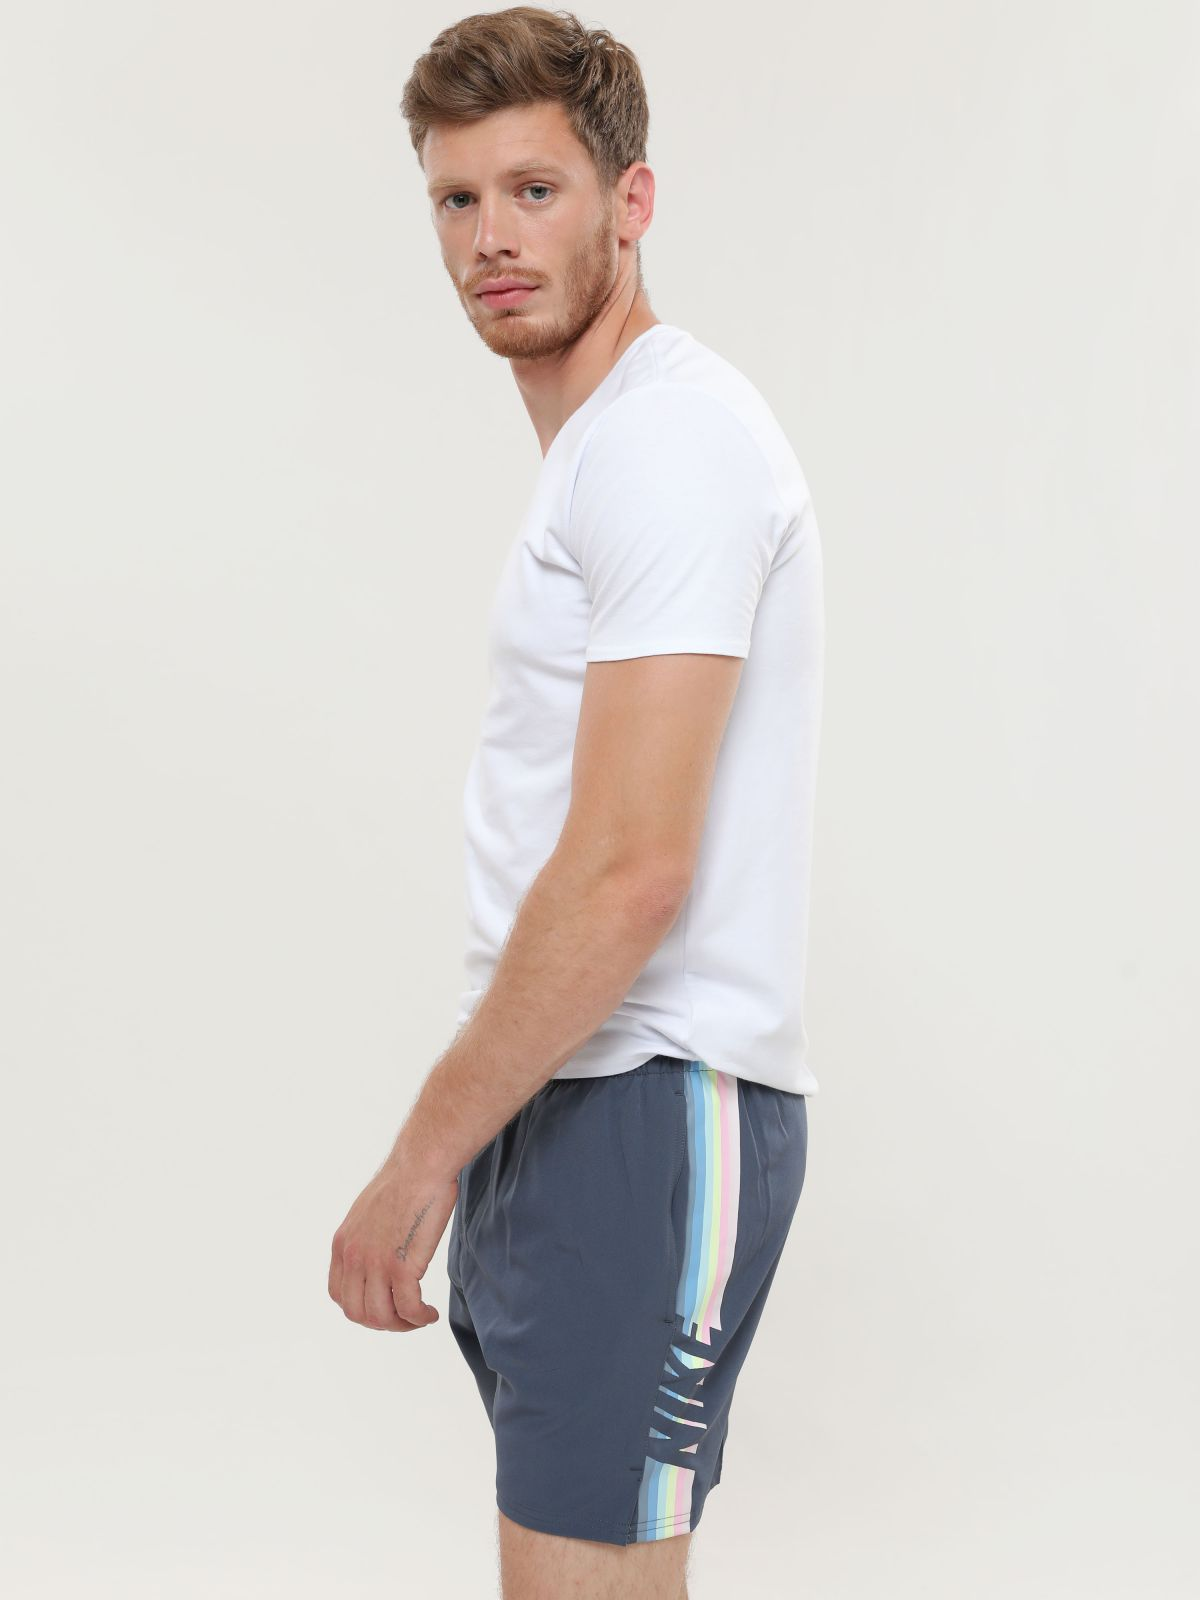 מכנסי בגד ים עם הדפס פסים לוגומכנסי בגד ים עם הדפס פסים לוגו של NIKE